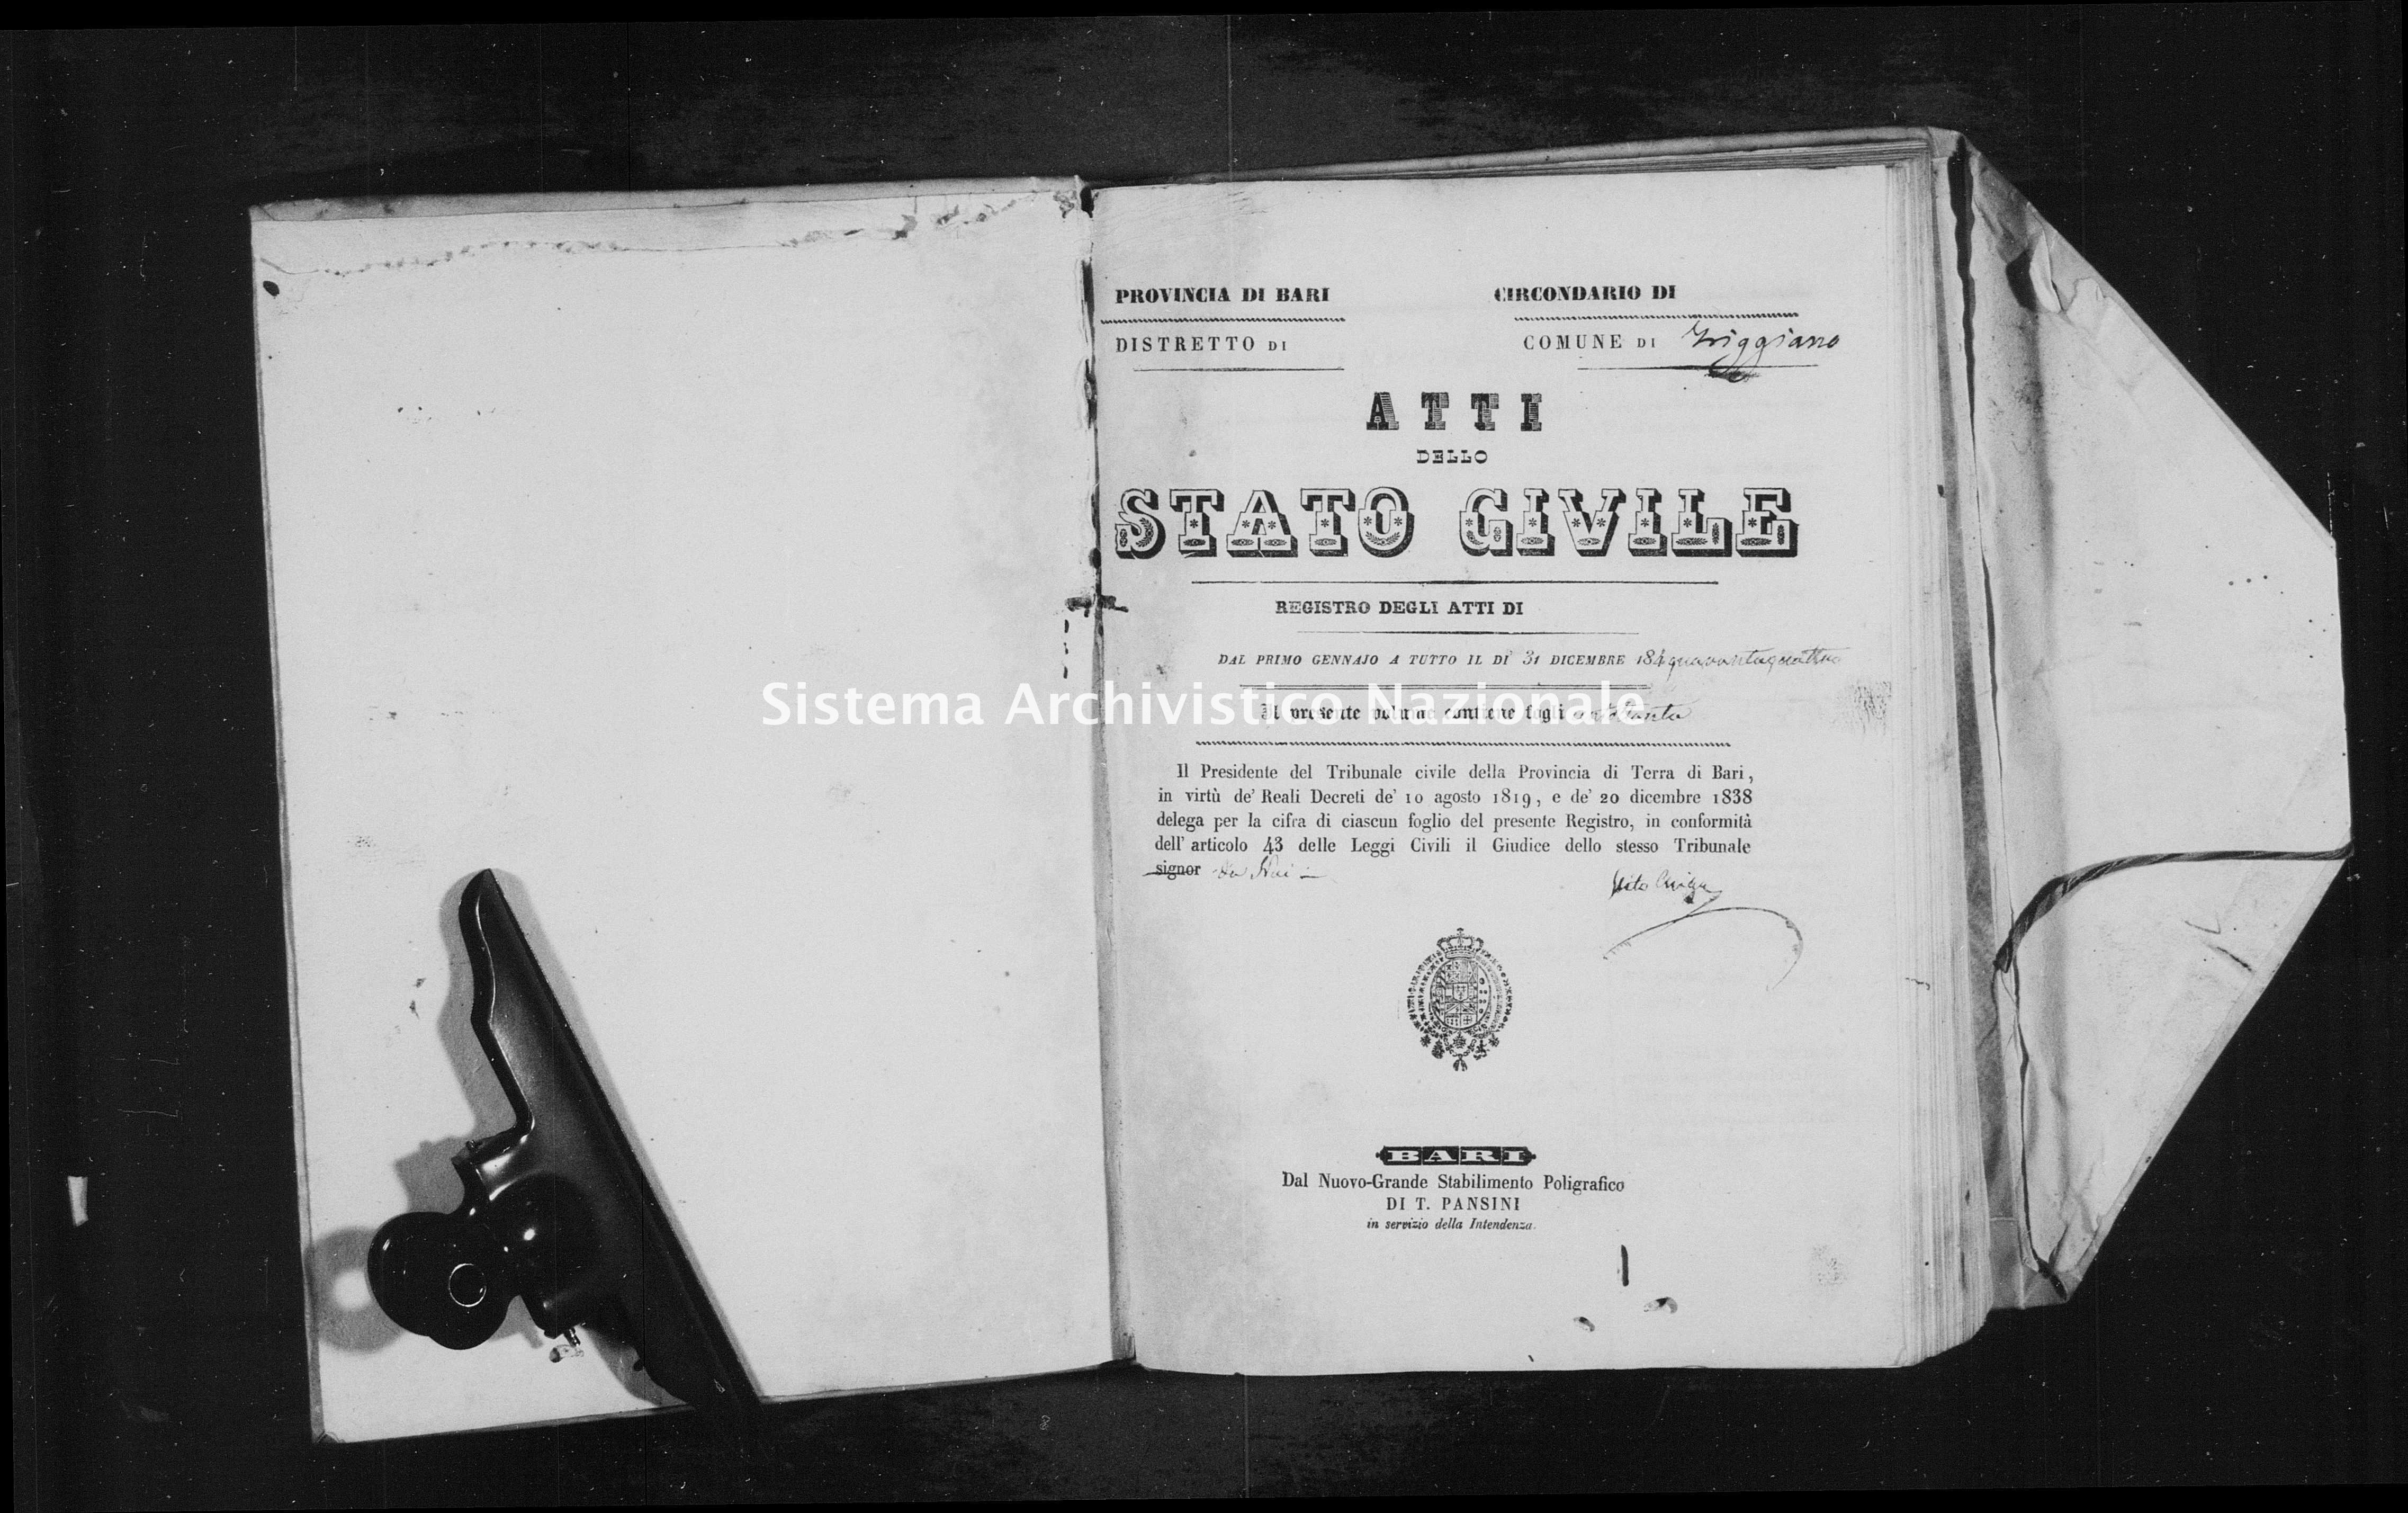 Archivio di stato di Bari - Stato civile della restaurazione - Triggiano - Nati - 1844 - Parte 2 -